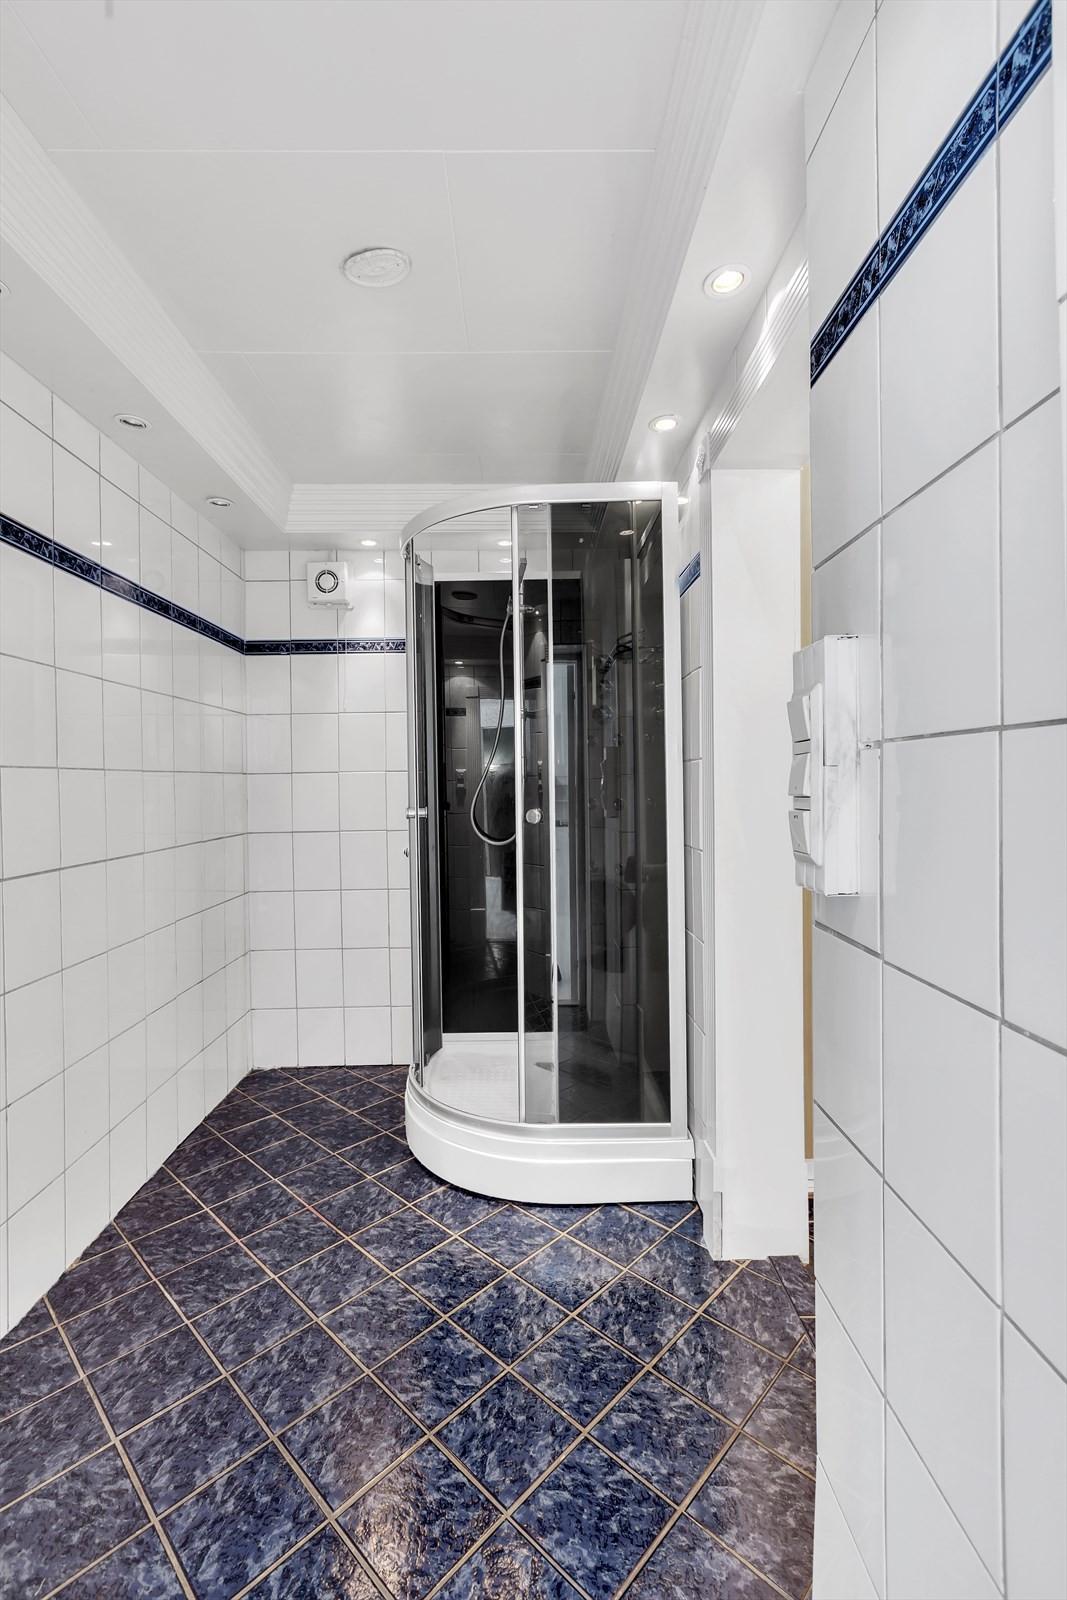 Flislagt bad med dusjkabinett, servant med skap og wc.